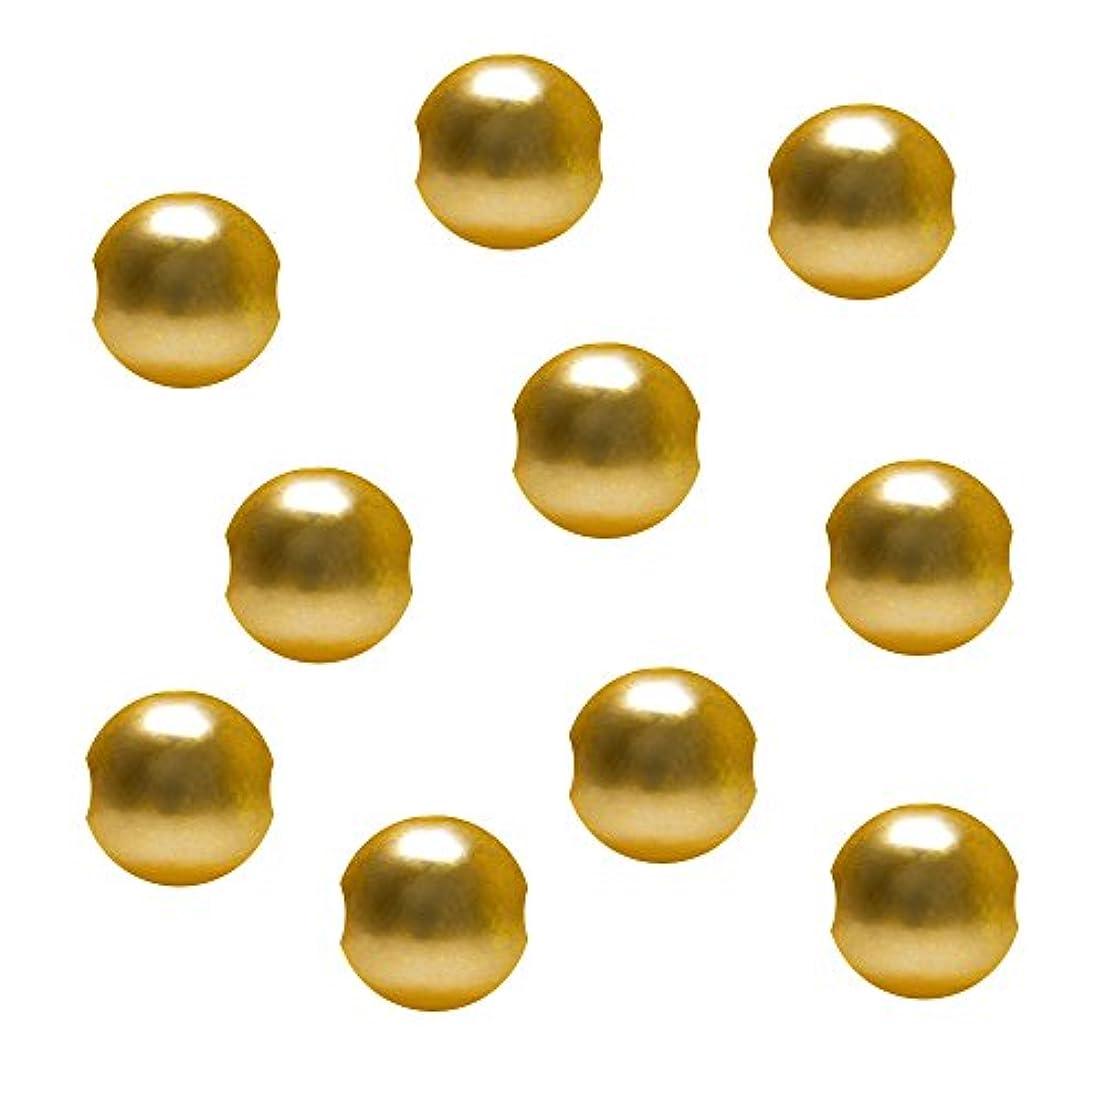 認識スプーン驚ジェルネイル  サンシャインベビー ジュエリーボールゴールド穴あり6mm